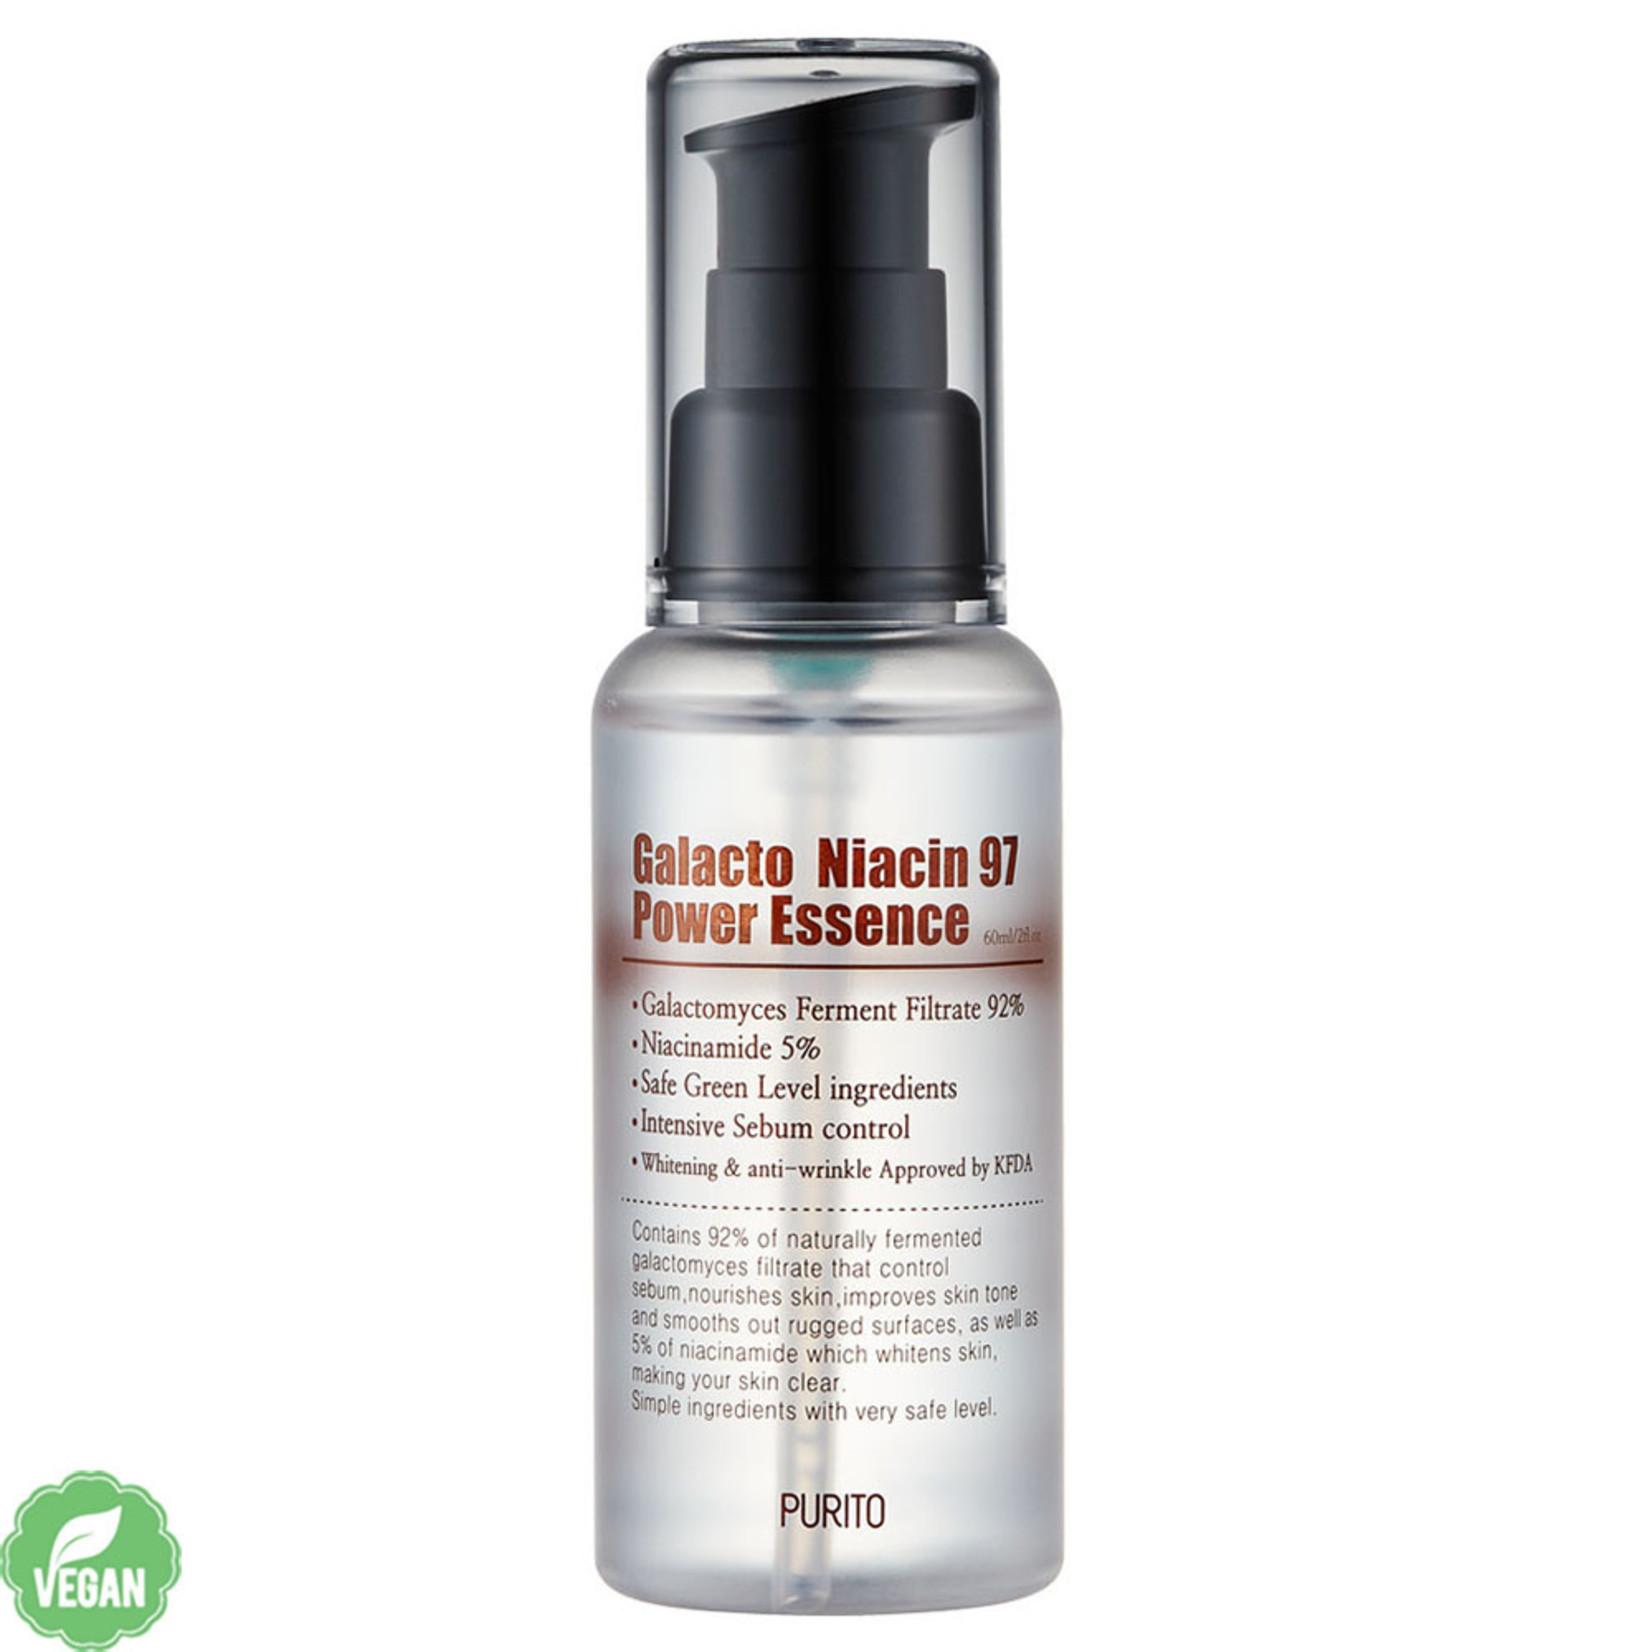 Purito Galacto Niacin 97 Power Essence